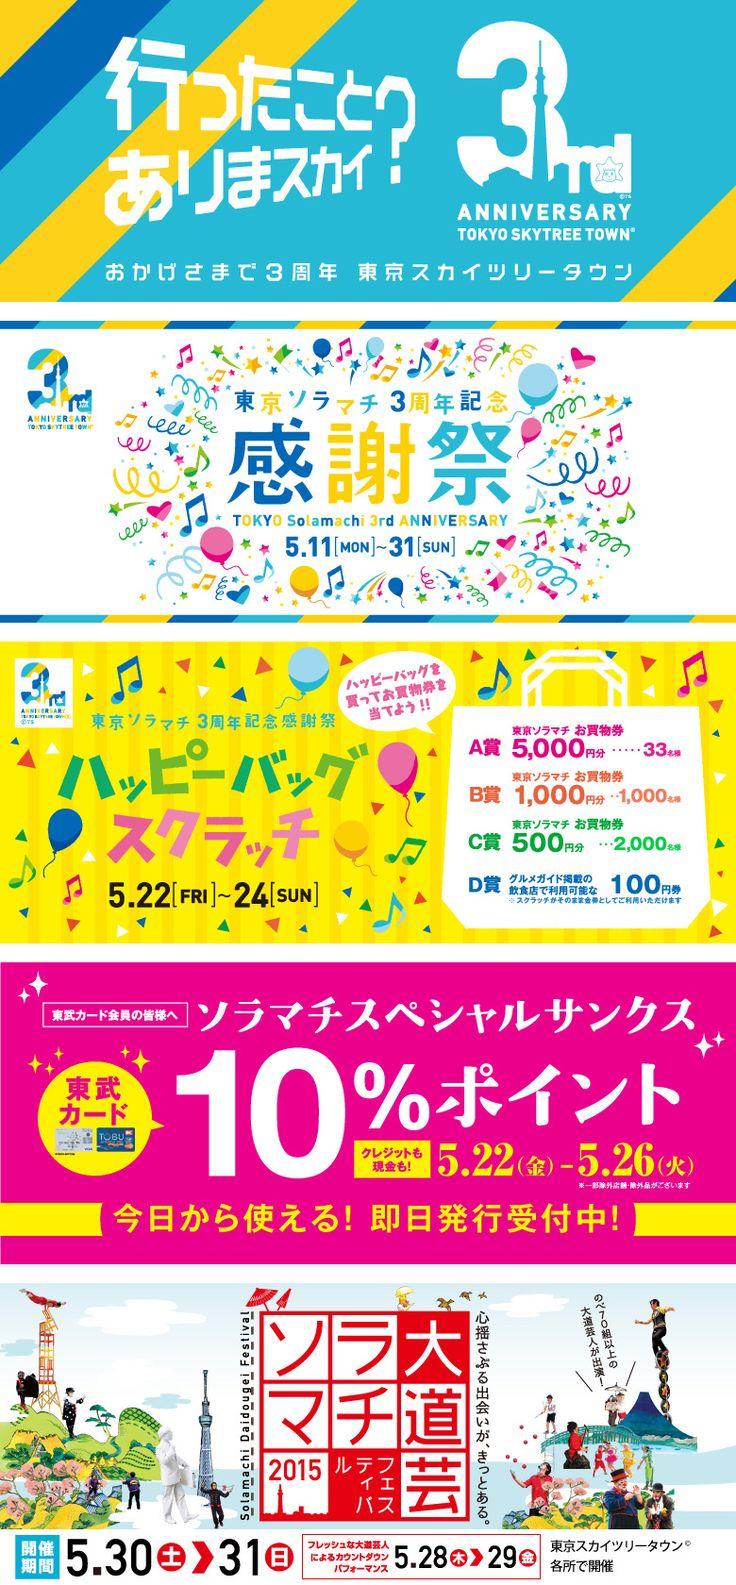 東京ソラマチのWEBサイトにあったかわいいスライドまとめ - 2015.05|keyvisual, slide, set, pop, yellow, blue…